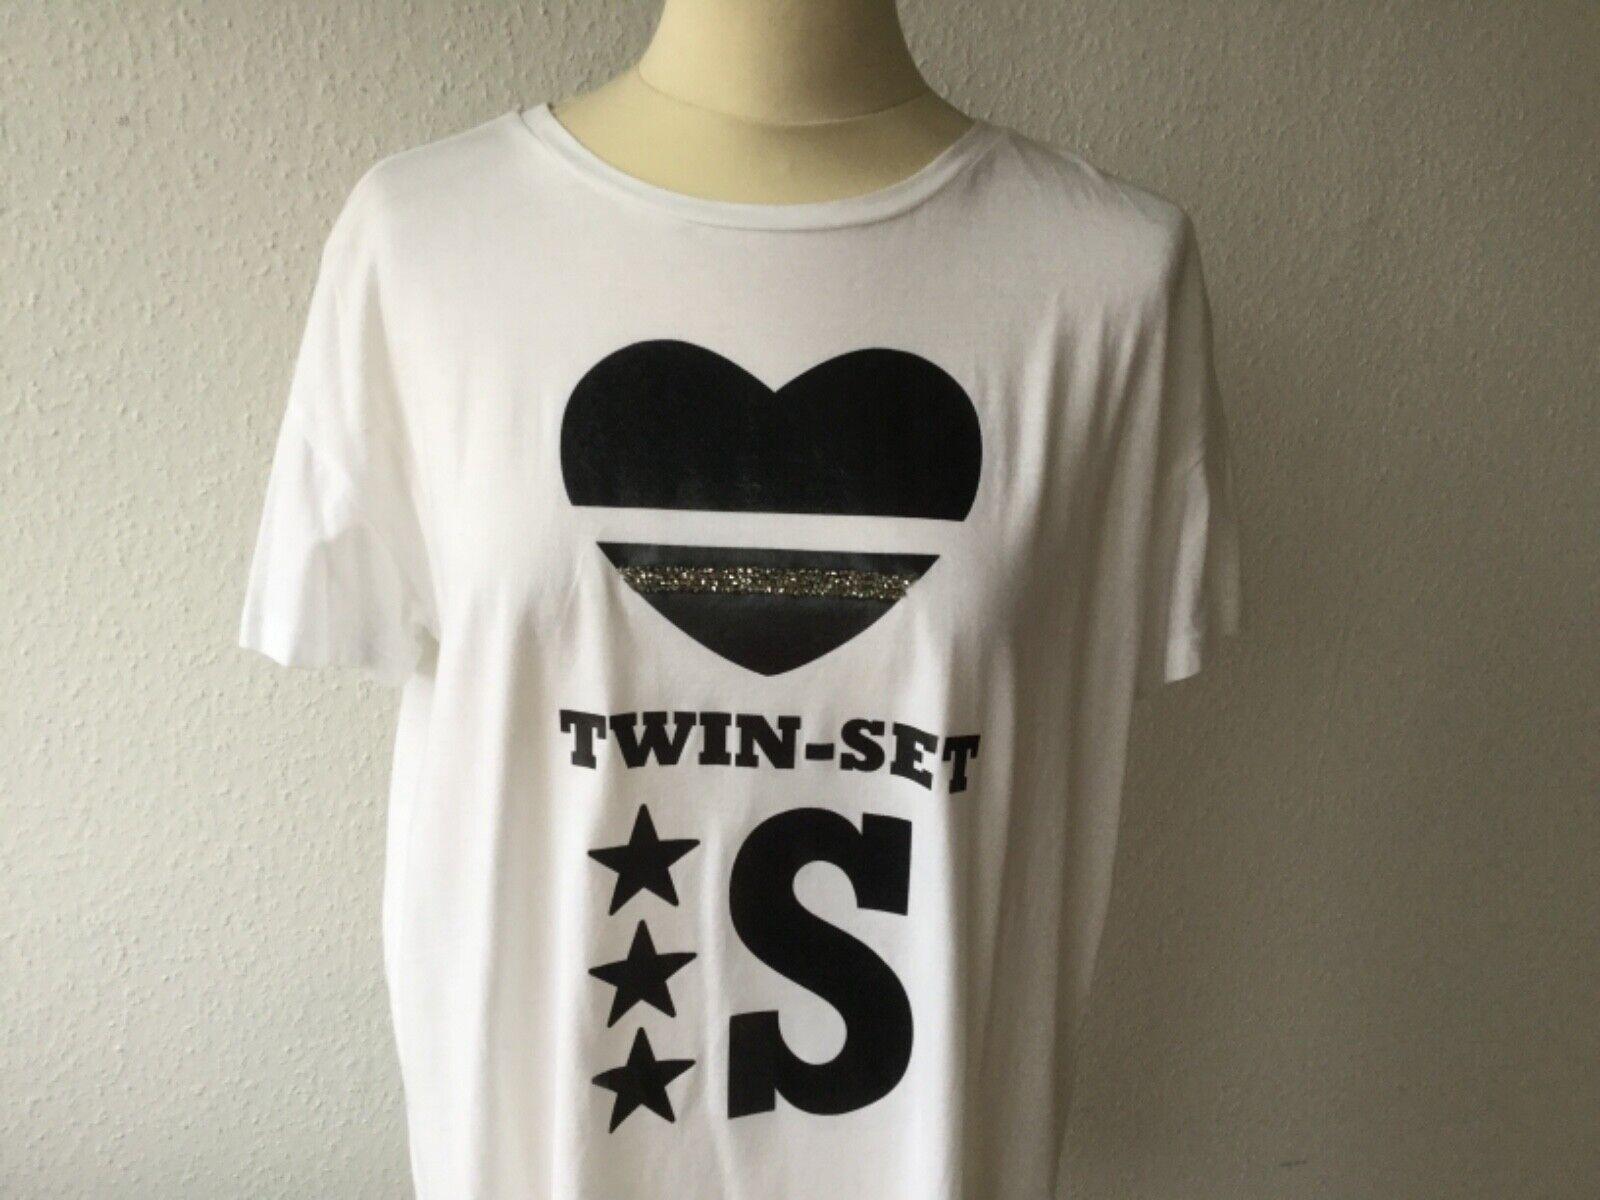 TWIN-SET T-Shirt Shirt Gr. S KA weiß mit schwarzem Aufdruck overGröße Baumw.